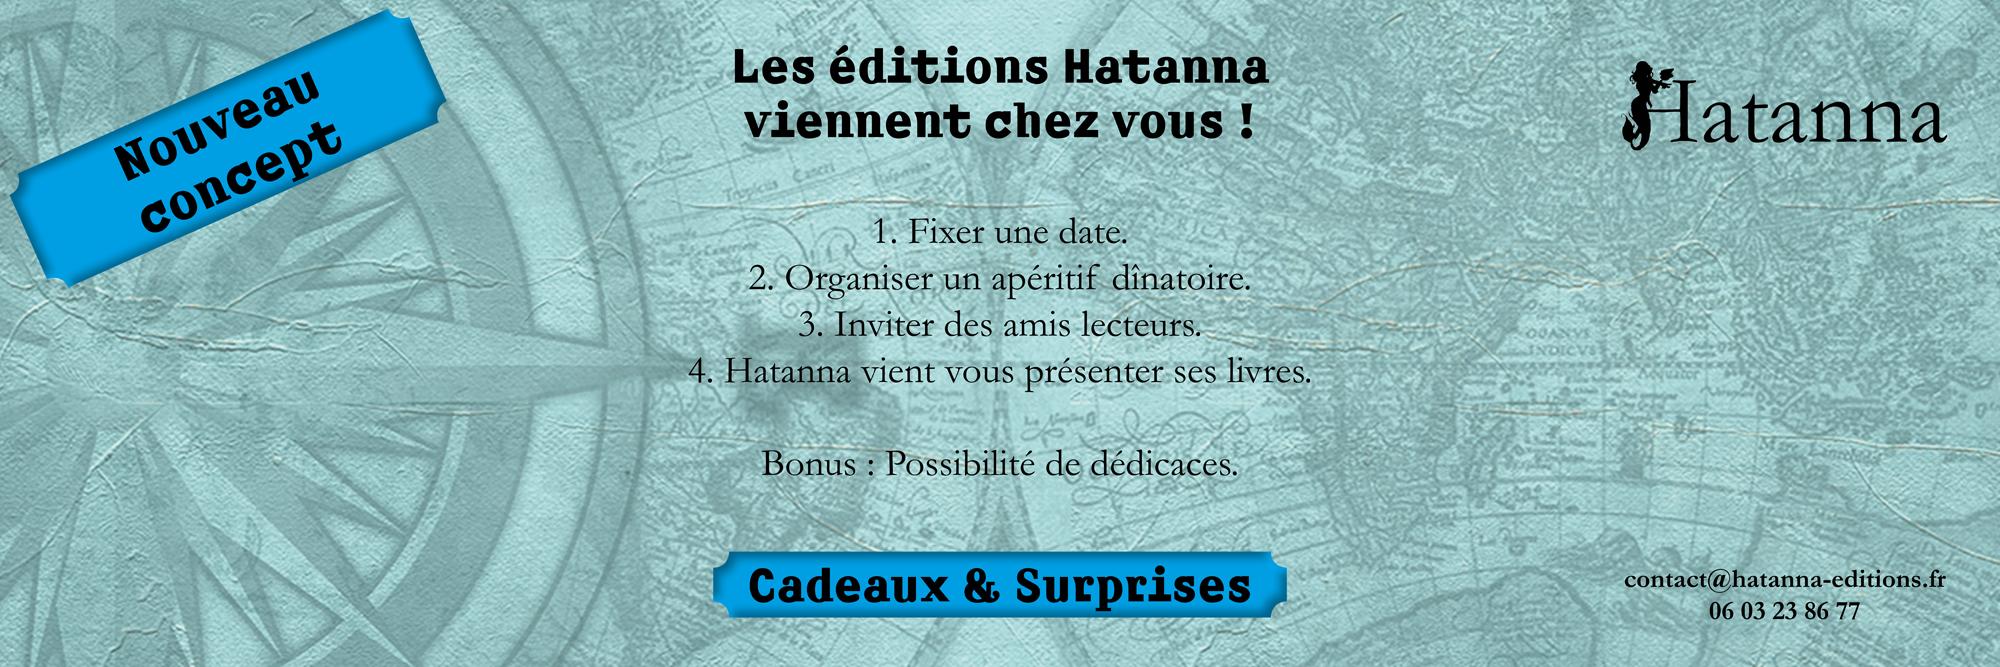 Hatanna Éditions